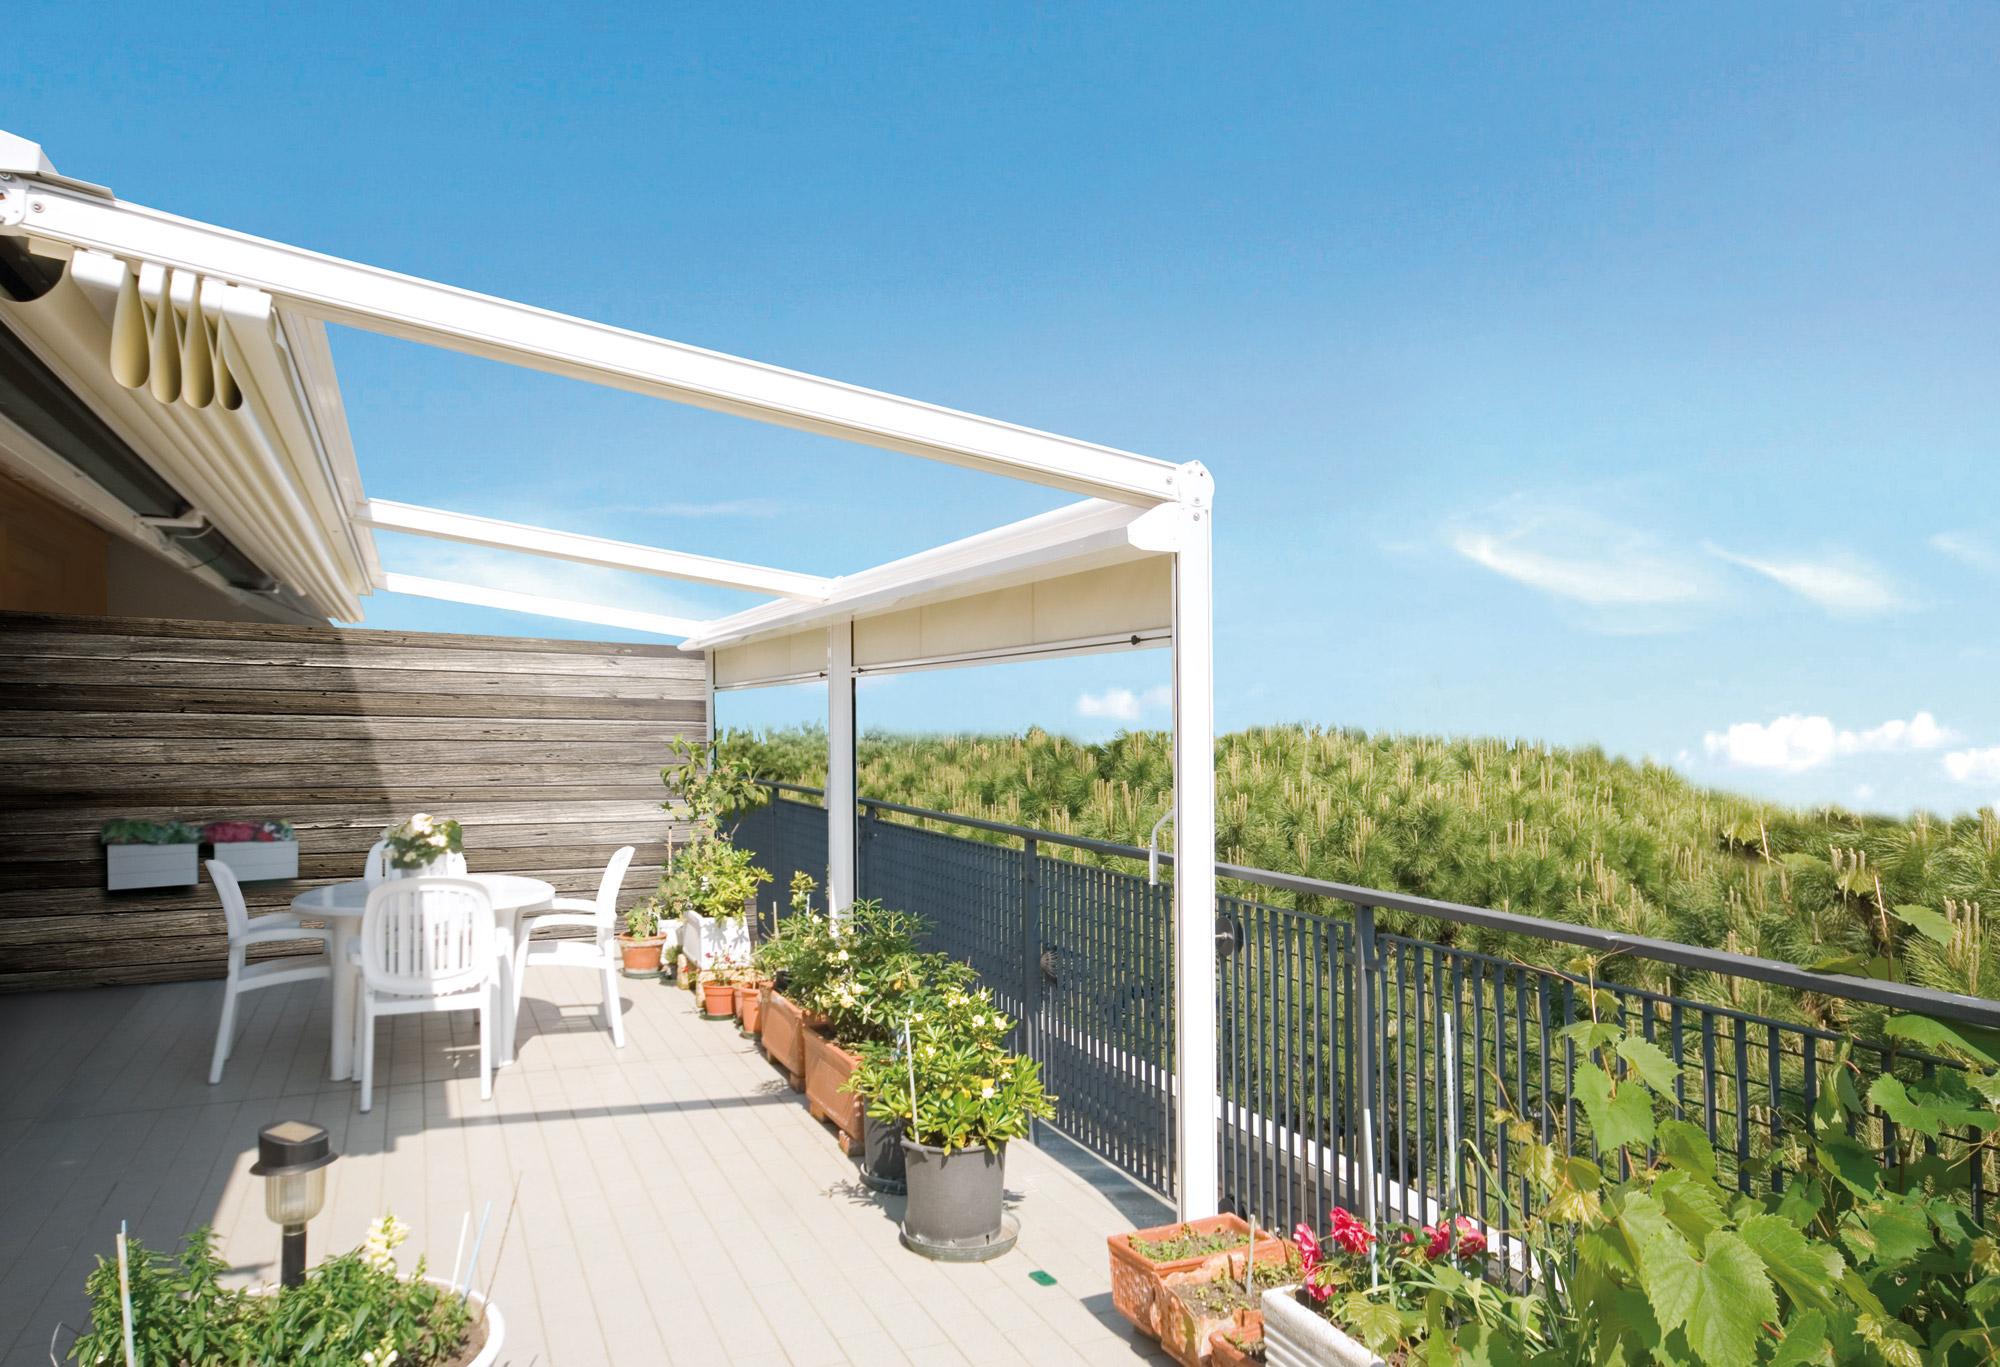 Coprire Terrazzo Con Veranda veranda, tettoia, pergotenda: cosa sapere su permessi